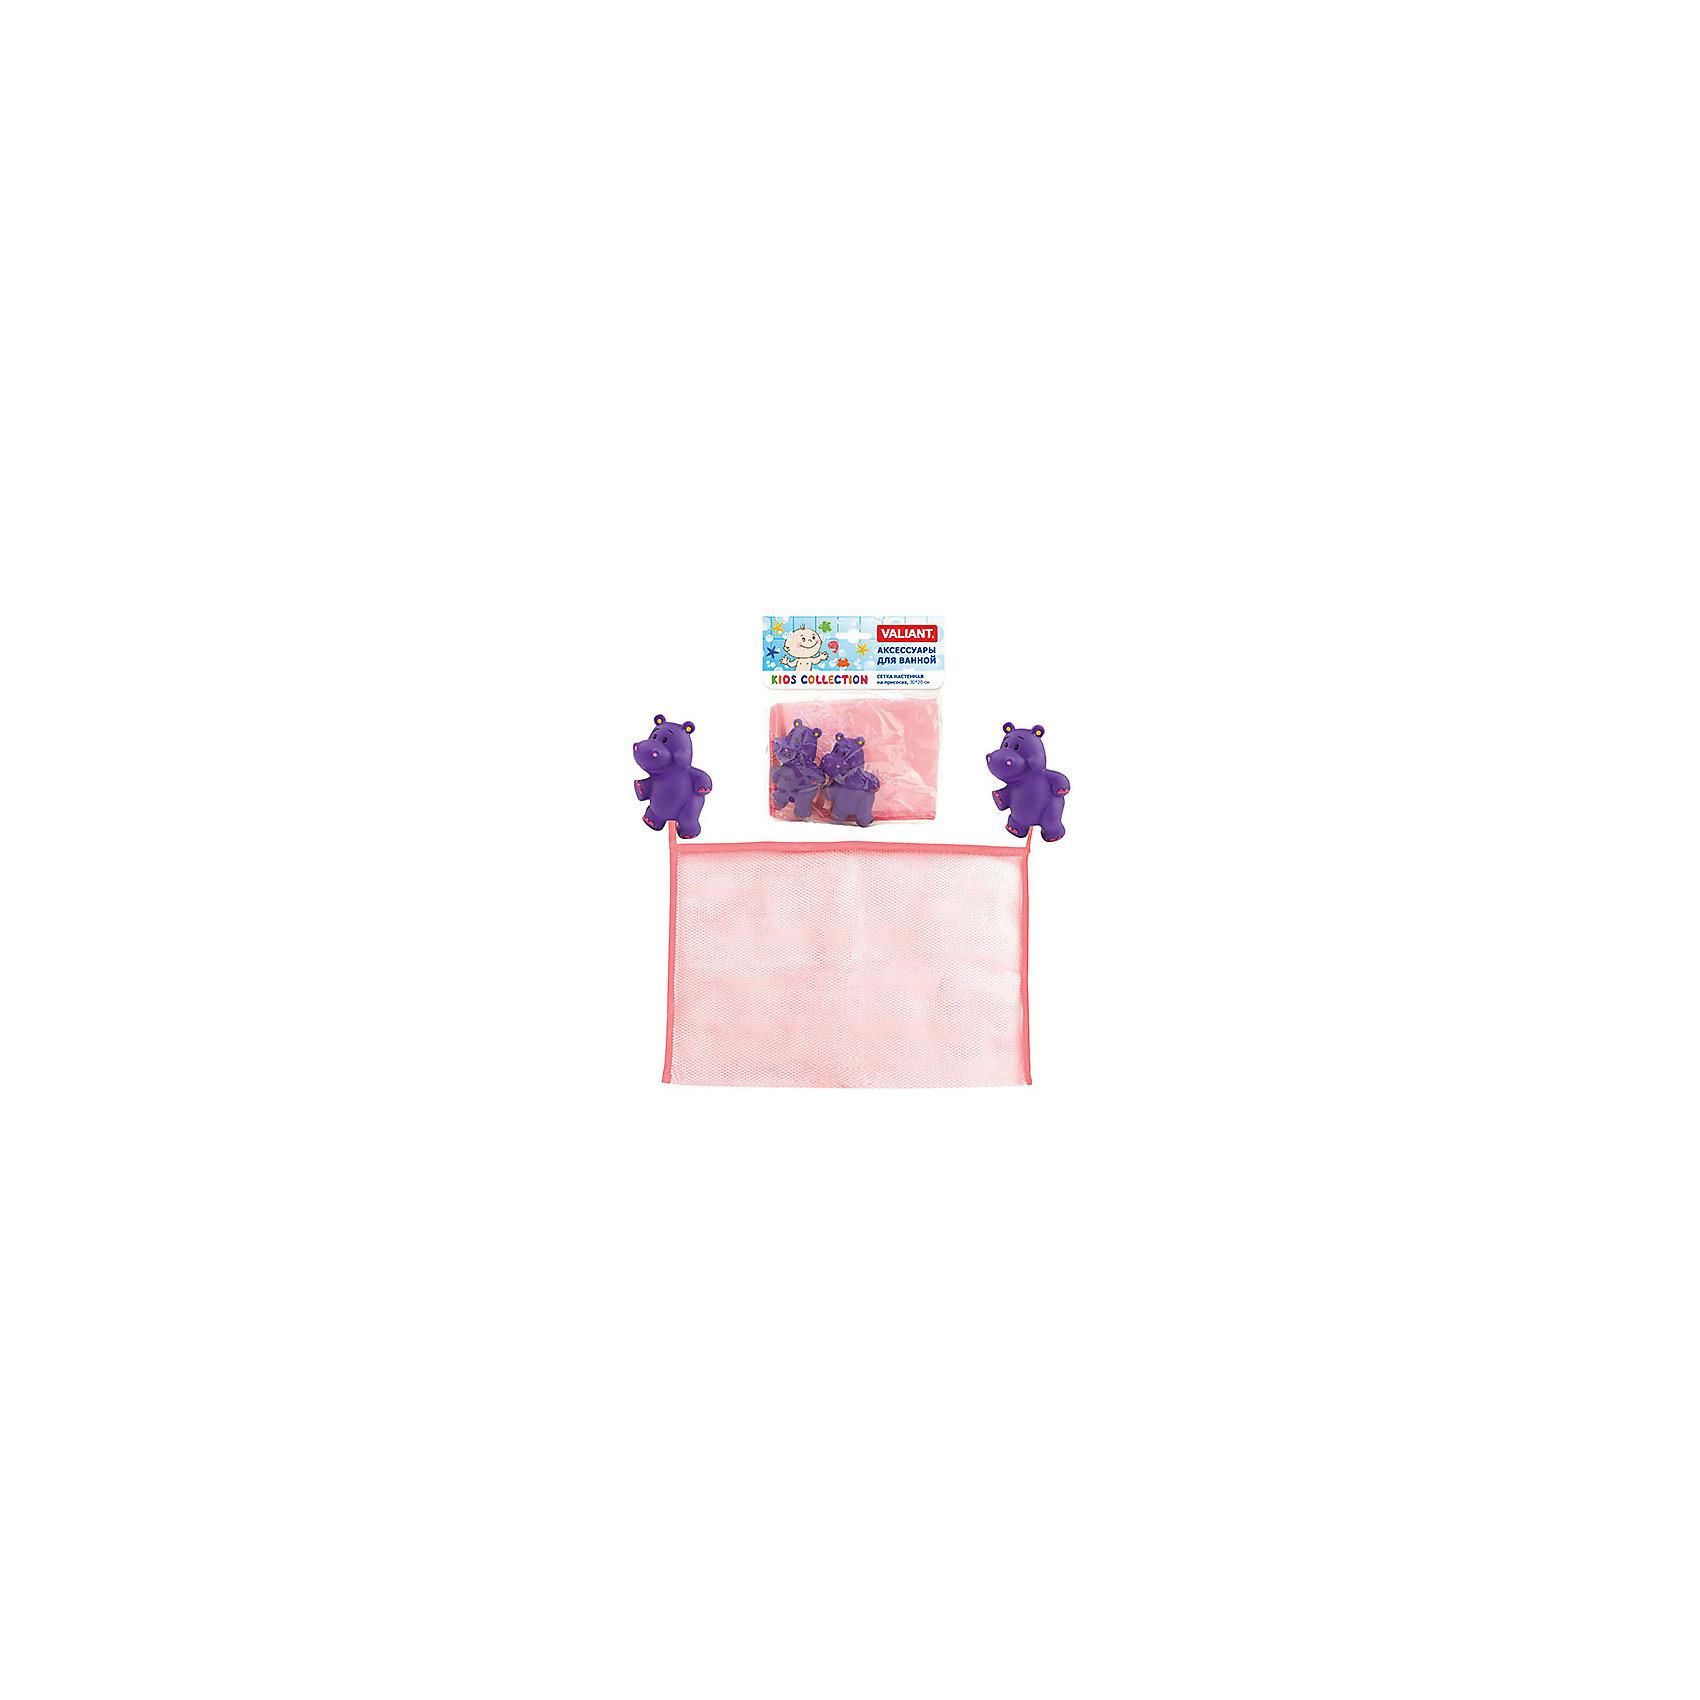 Сетка для аксессуаров Бегемотики 30*20 смВанная комната<br>С яркими и забавными бегемотиками водные процедуры станут настоящим праздником для ребенка. А еще помогут приучить ребенка к порядку, развить детскую моторику рук и знания в сфере животных. Идеально дополняет коллекцию БЕГЕМОТИКИ, в которую входят: мыльница, заглушка для ванны и подставка со стаканом для зубных щеток.  Все изделия изготовлены из абсолютно безопасных полимерных материалов<br><br>Дополнительная информация:<br><br>В комплект входят: сетка, 2 присоски.<br>- материал: ПВХ <br>- размер сетки: 30*20  см.<br>- размер игрушек: 7,5*5,5 см.<br><br>Сетку для аксессуаров Бегемотики 30*20 см. можно купить в нашем интернет-магазине.<br><br>Ширина мм: 150<br>Глубина мм: 30<br>Высота мм: 155<br>Вес г: 52<br>Возраст от месяцев: -2147483648<br>Возраст до месяцев: 2147483647<br>Пол: Унисекс<br>Возраст: Детский<br>SKU: 4563375